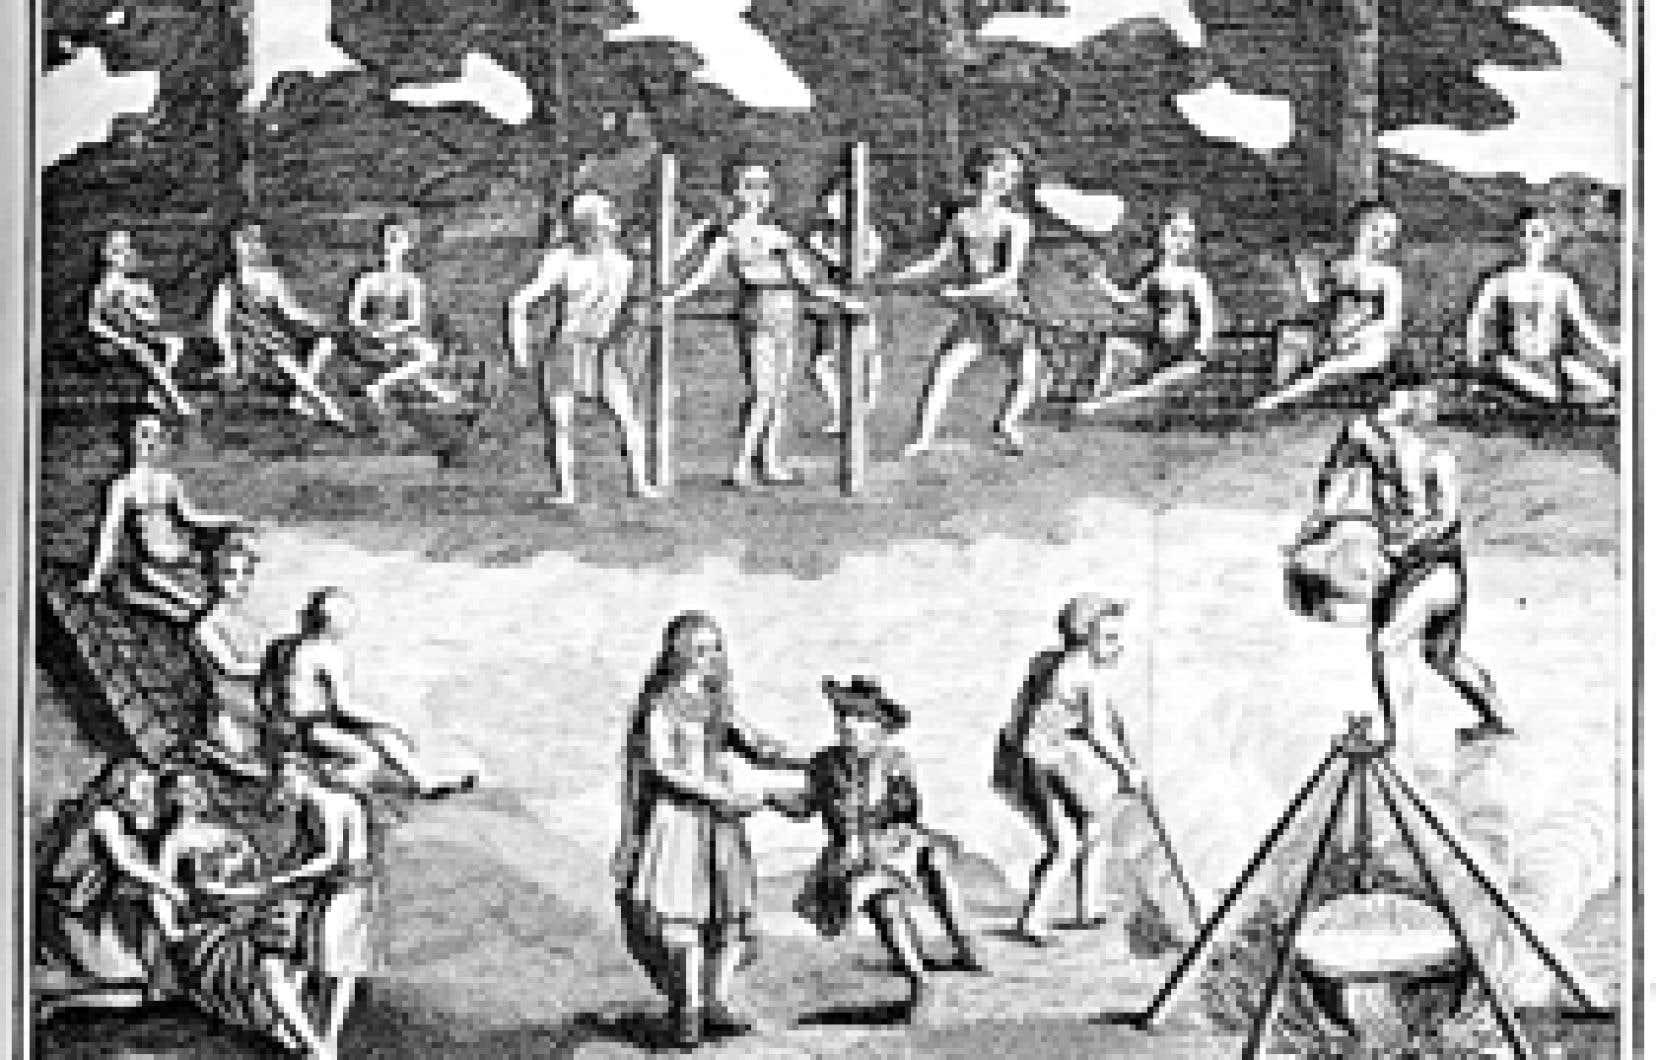 Gravure tirée d'un ouvrage de Claude Le Beau, Aventures du Sieur Le Beau ou voyage nouveau et curieux parmi les sauvages de l'Amérique septentrionale, 1738